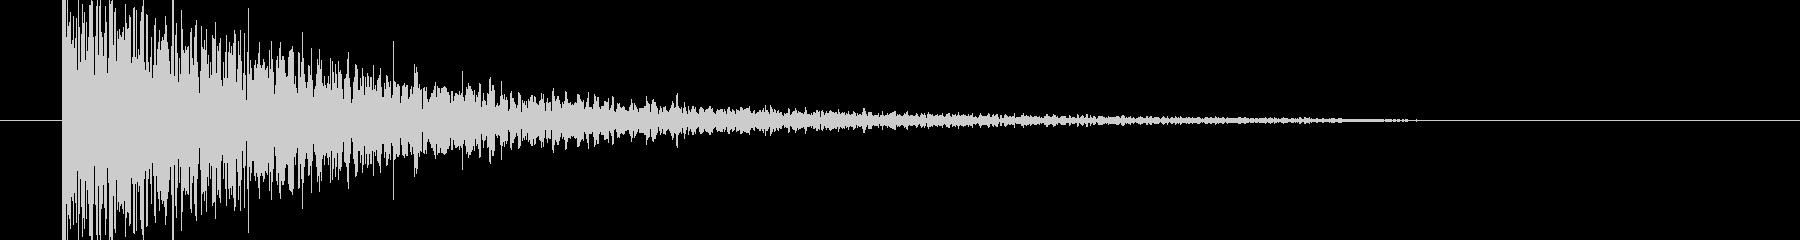 映画告知音129 ドーンの未再生の波形